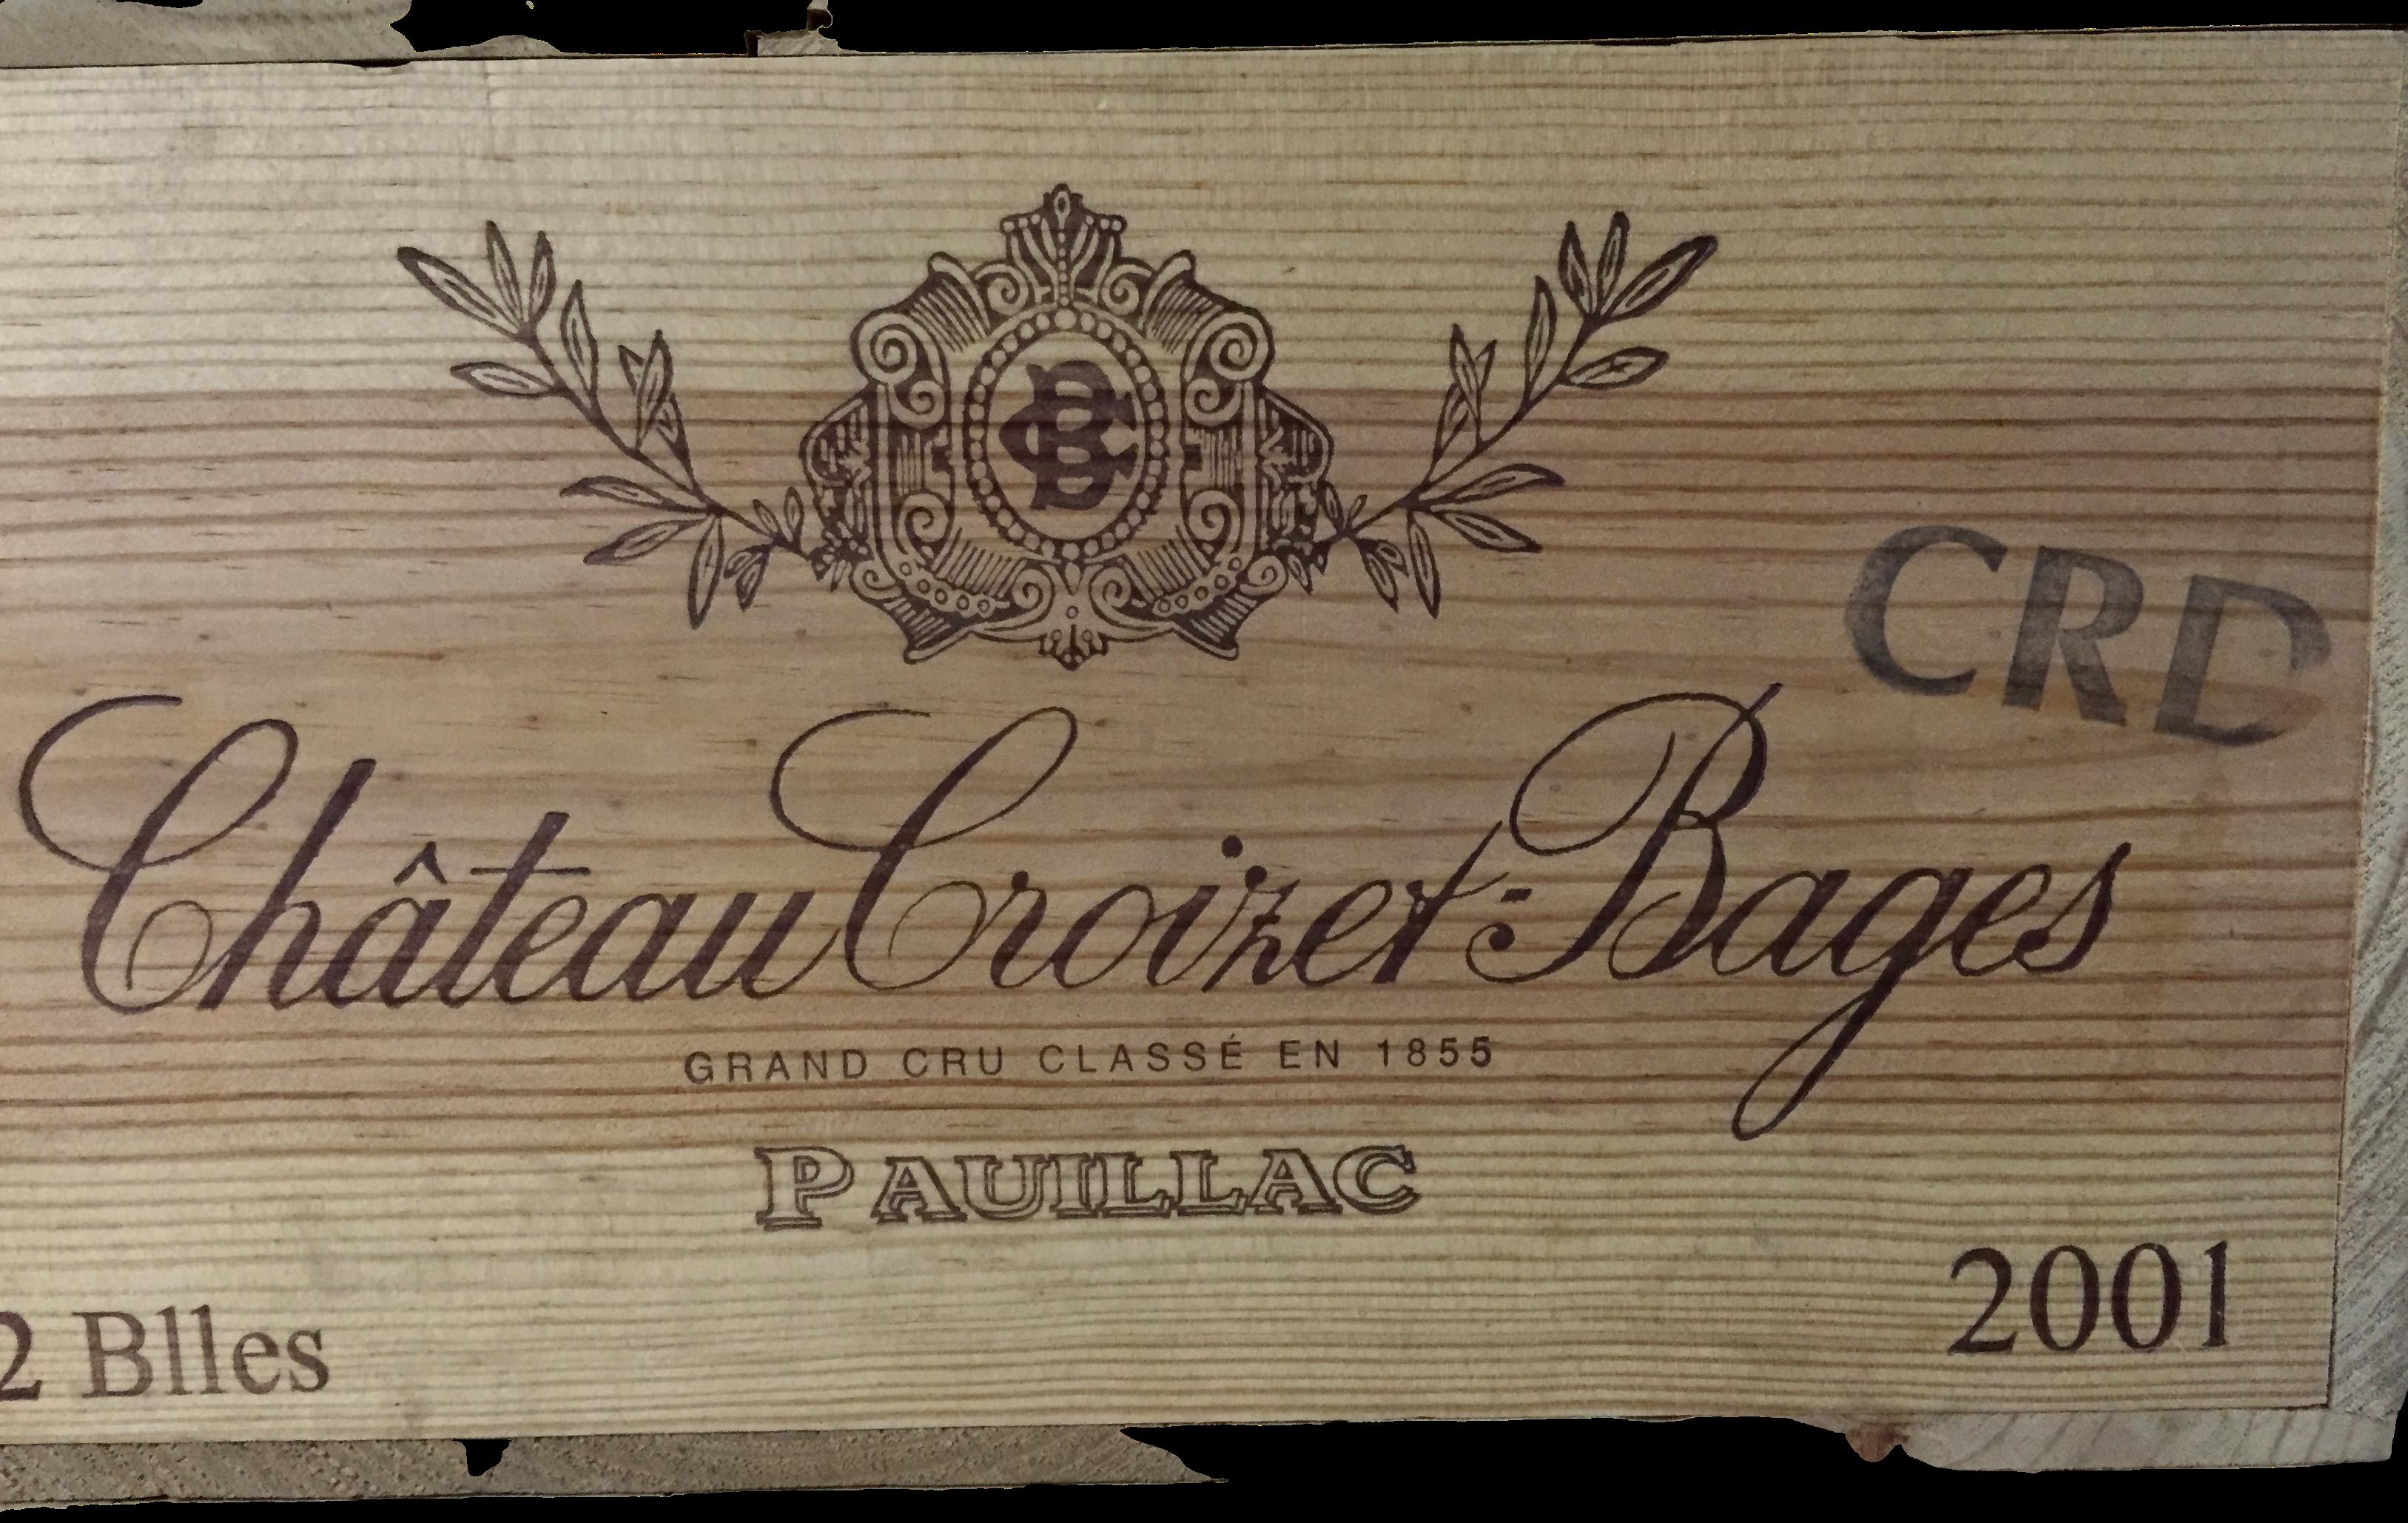 Château Croizet-Bages 2001